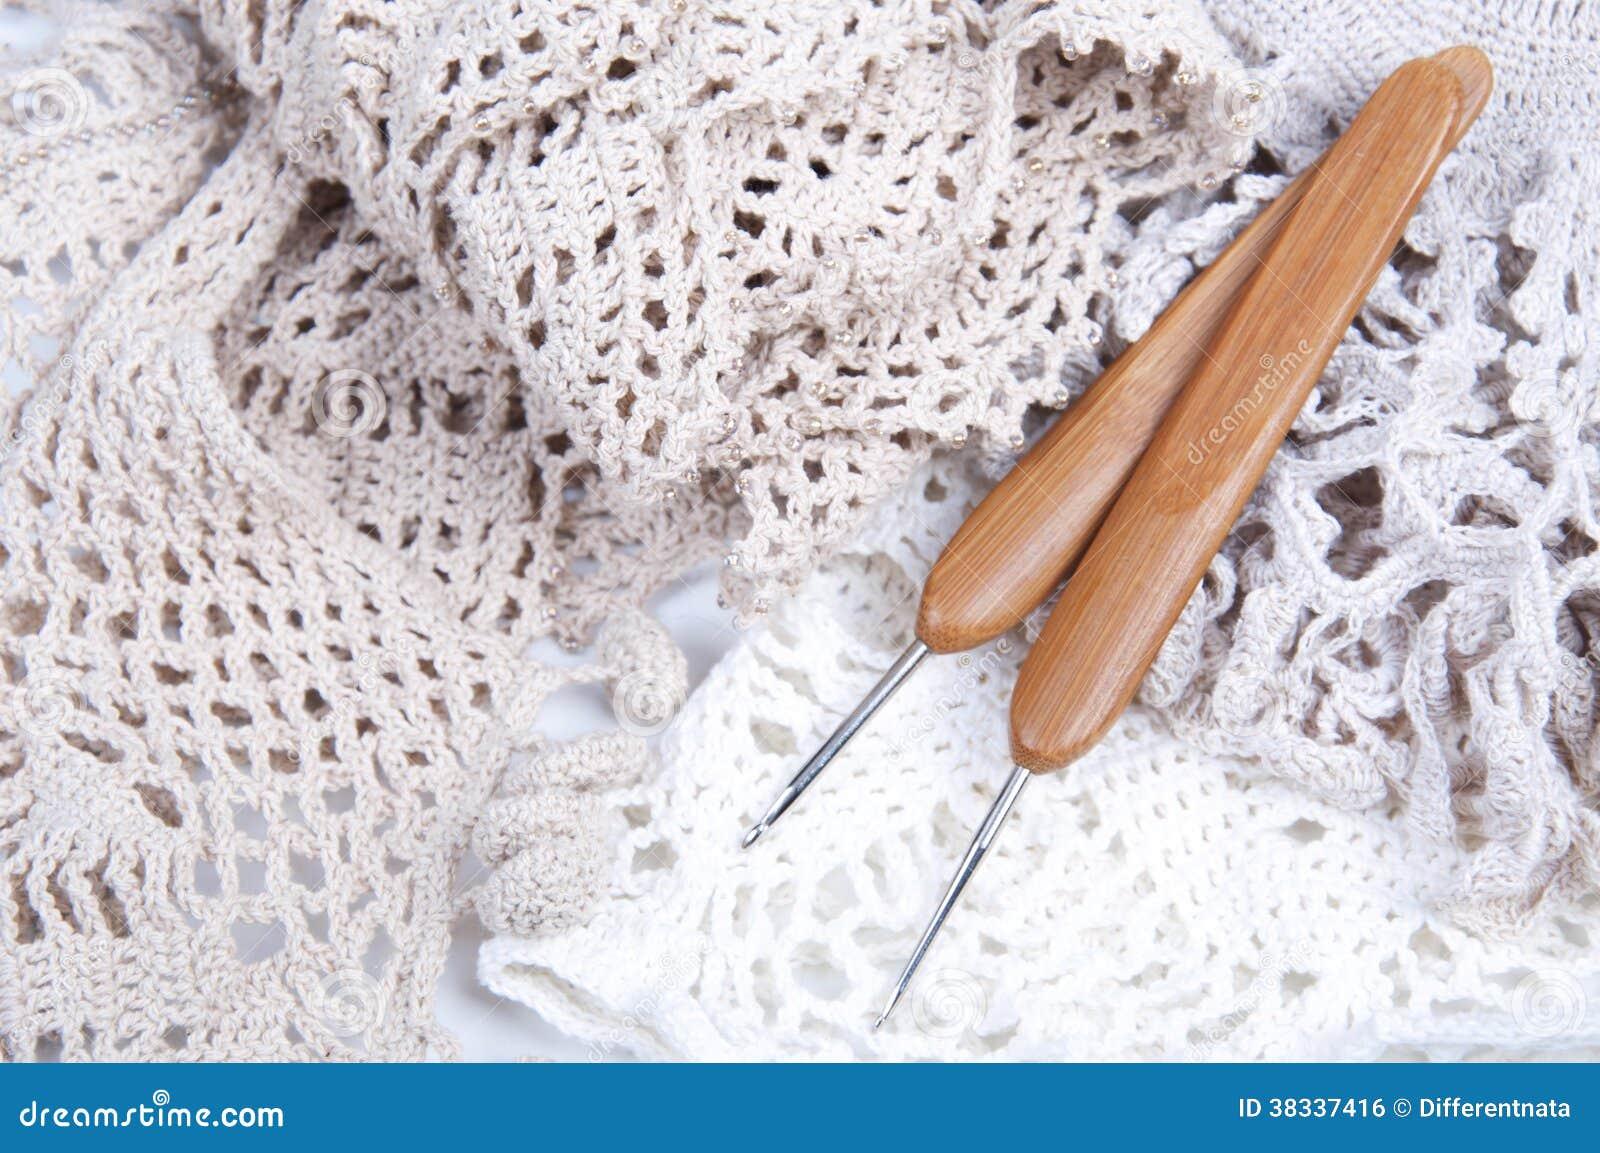 Virkat handgjort snör åt servetten med krokar